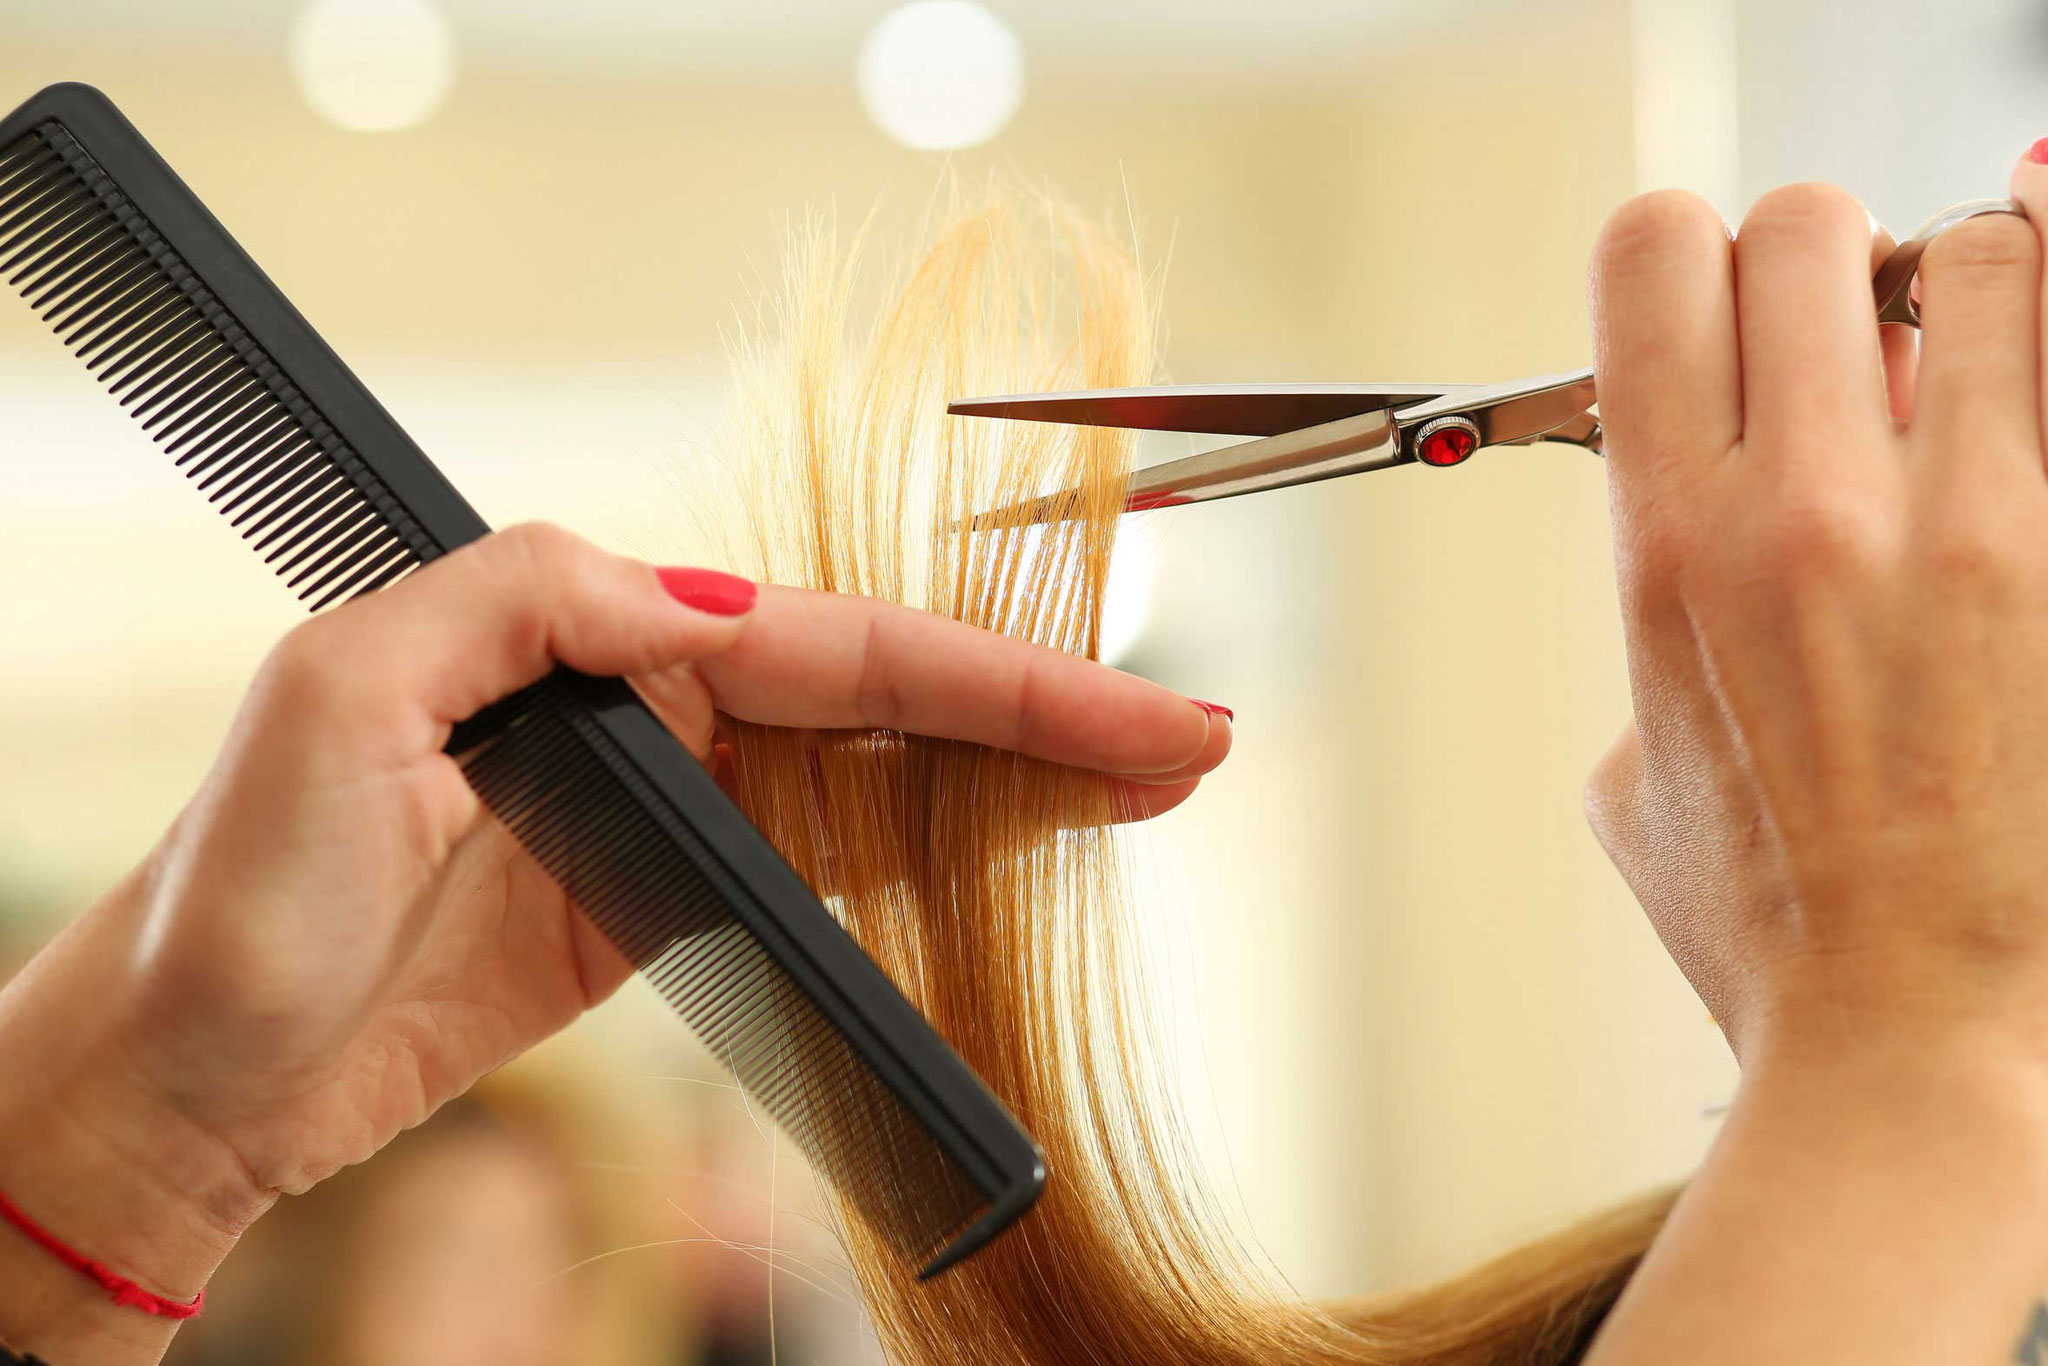 Trendige Haarschnitte, die Ihre Persönlichkeit unterstreichen